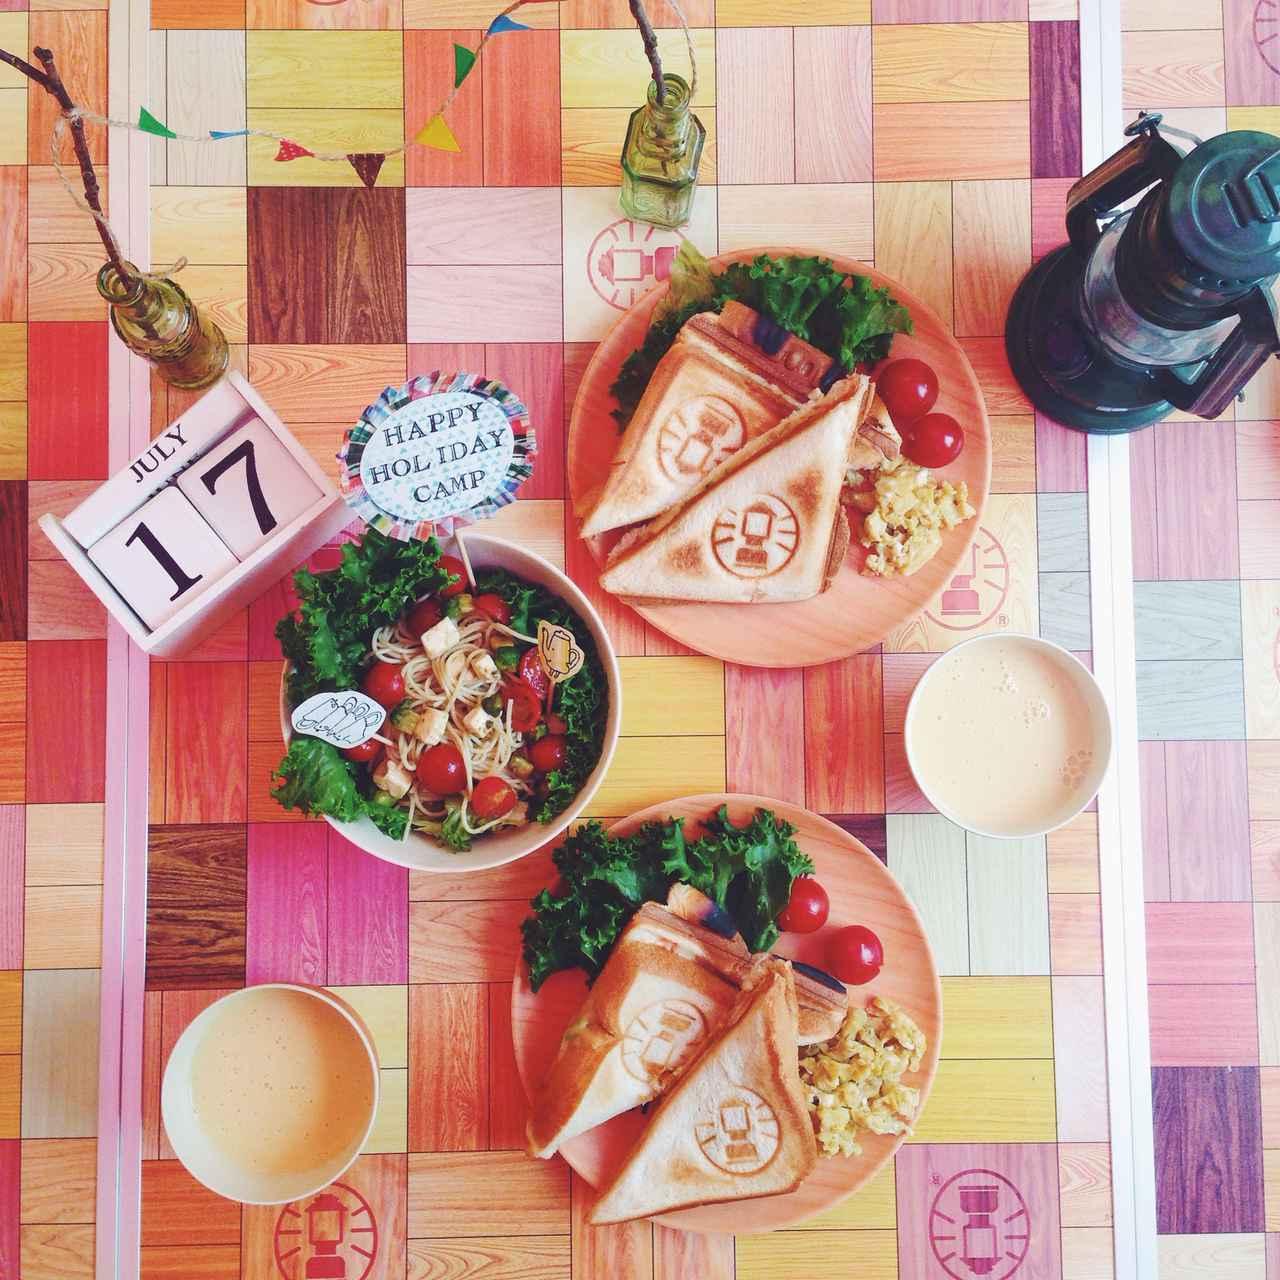 画像: 椅子付き&軽量で収納しやすい! 折り畳みアウトドアテーブルセットを持ってピクニックに出かけよう!